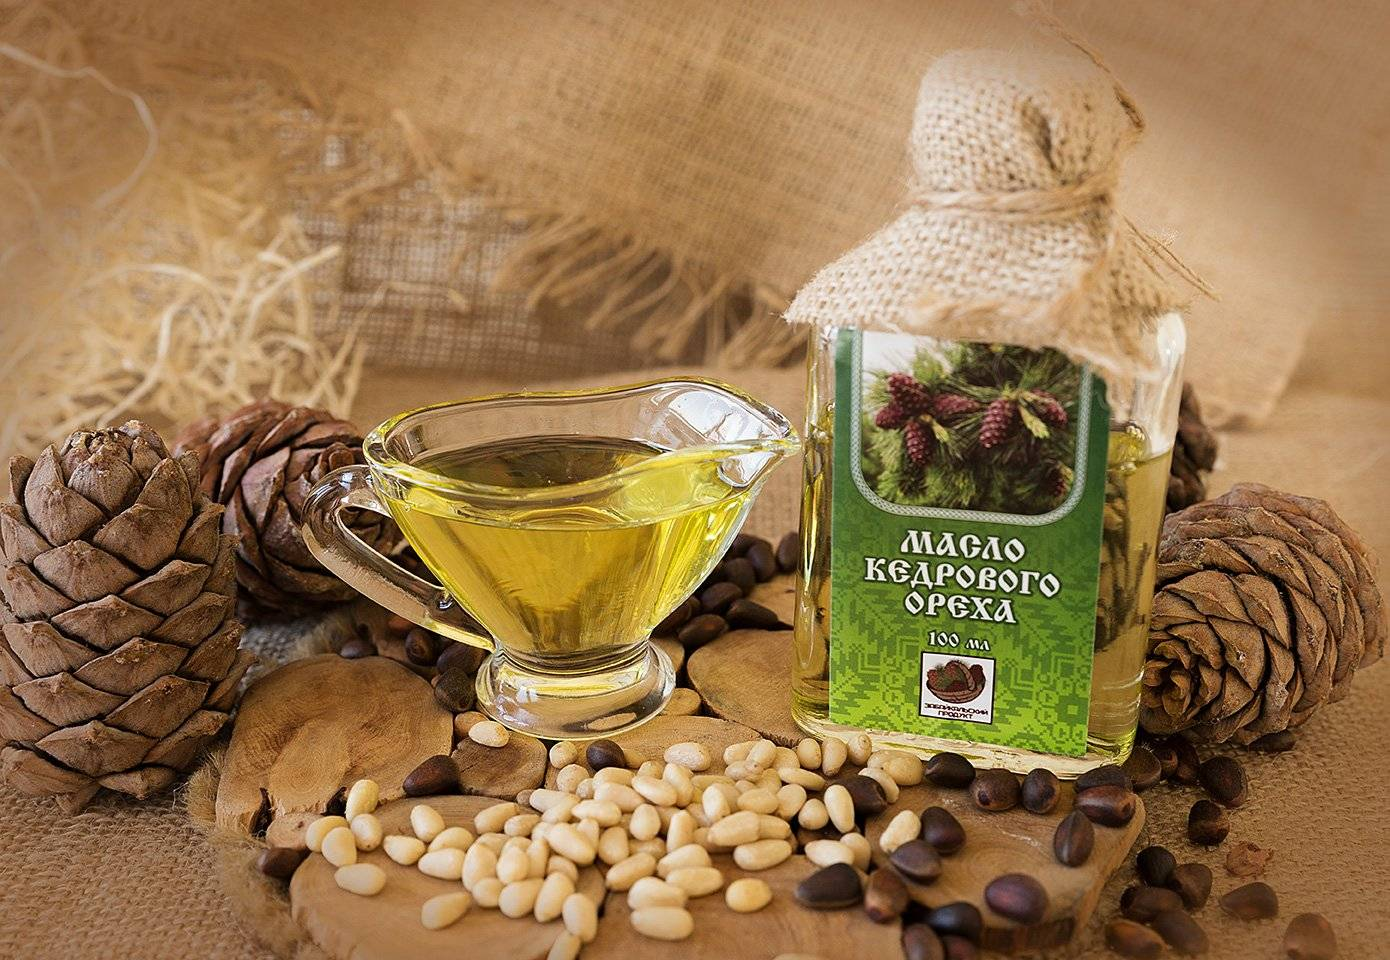 Кедровое масло: лечебные свойства и противопоказания